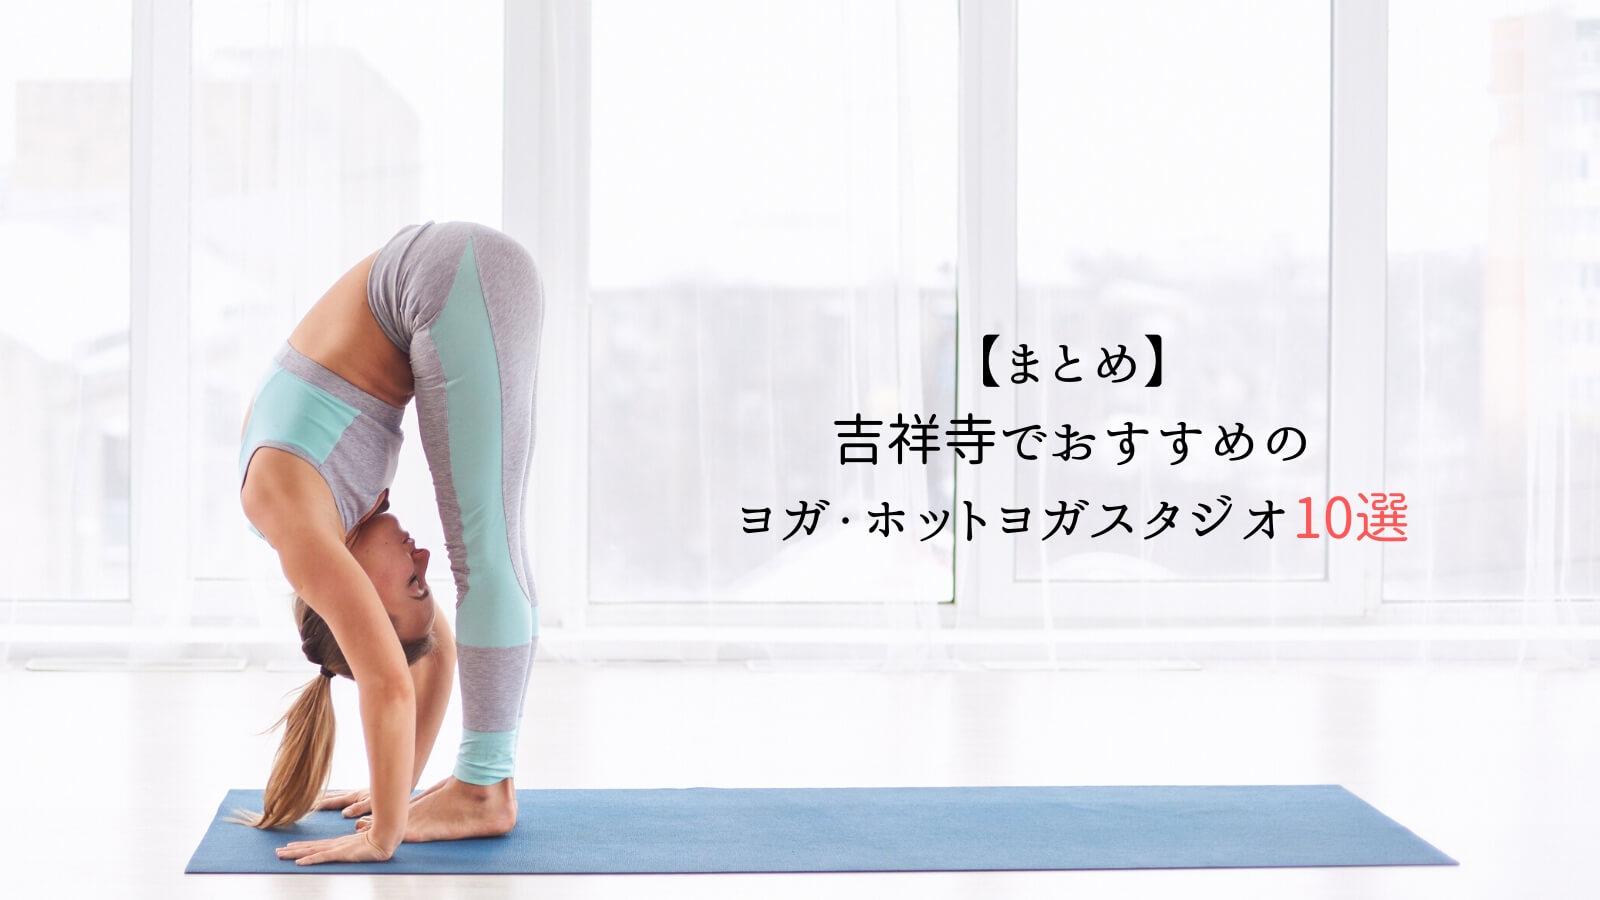 【まとめ】吉祥寺でおすすめのヨガ・ホットヨガスタジオ10選